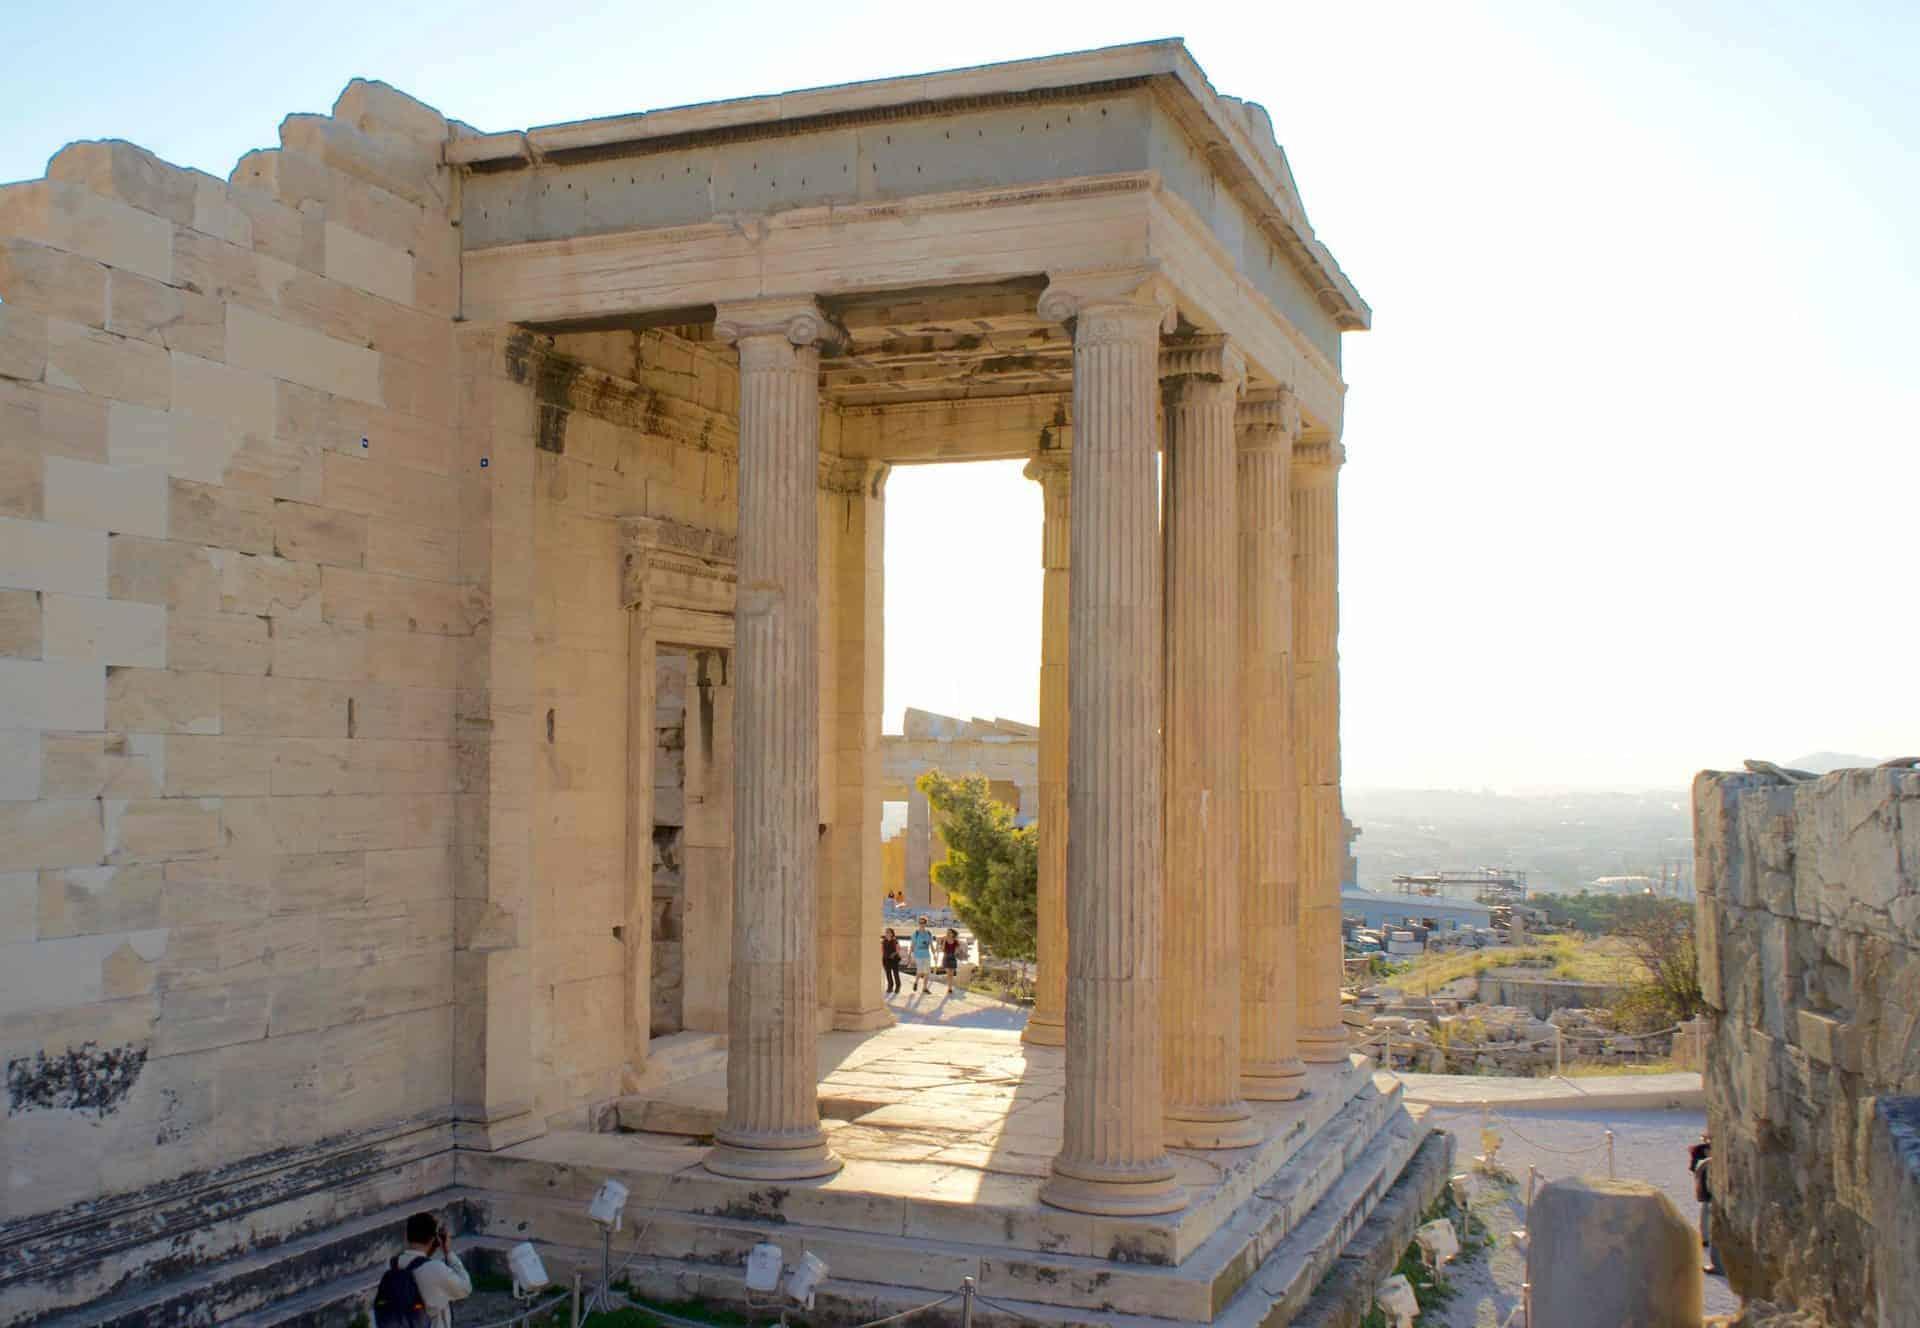 athens_acropolis17-The-Erechtheion-37.9722, 23.72663